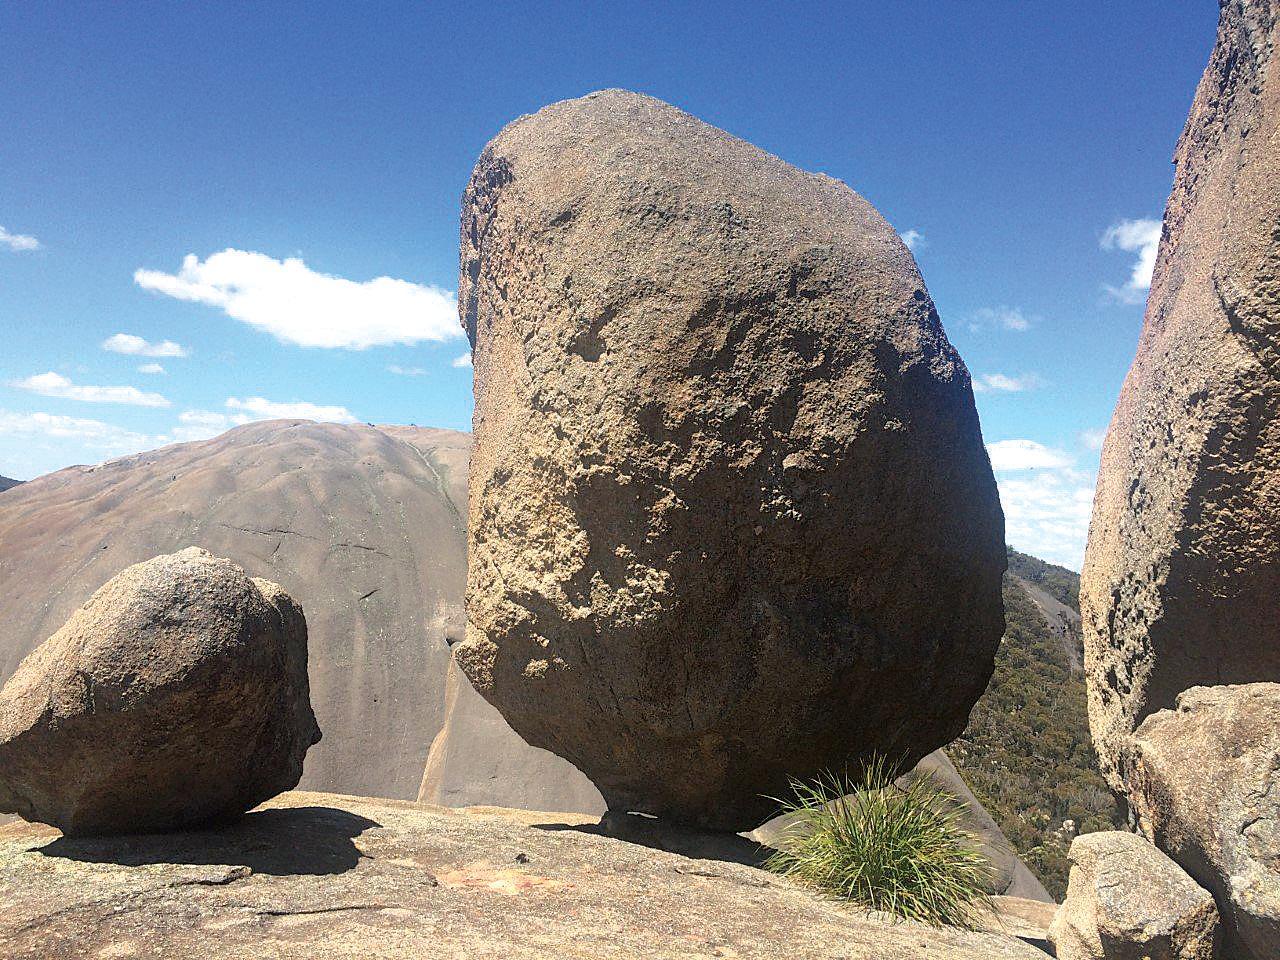 Boulders in Girraween National Park.